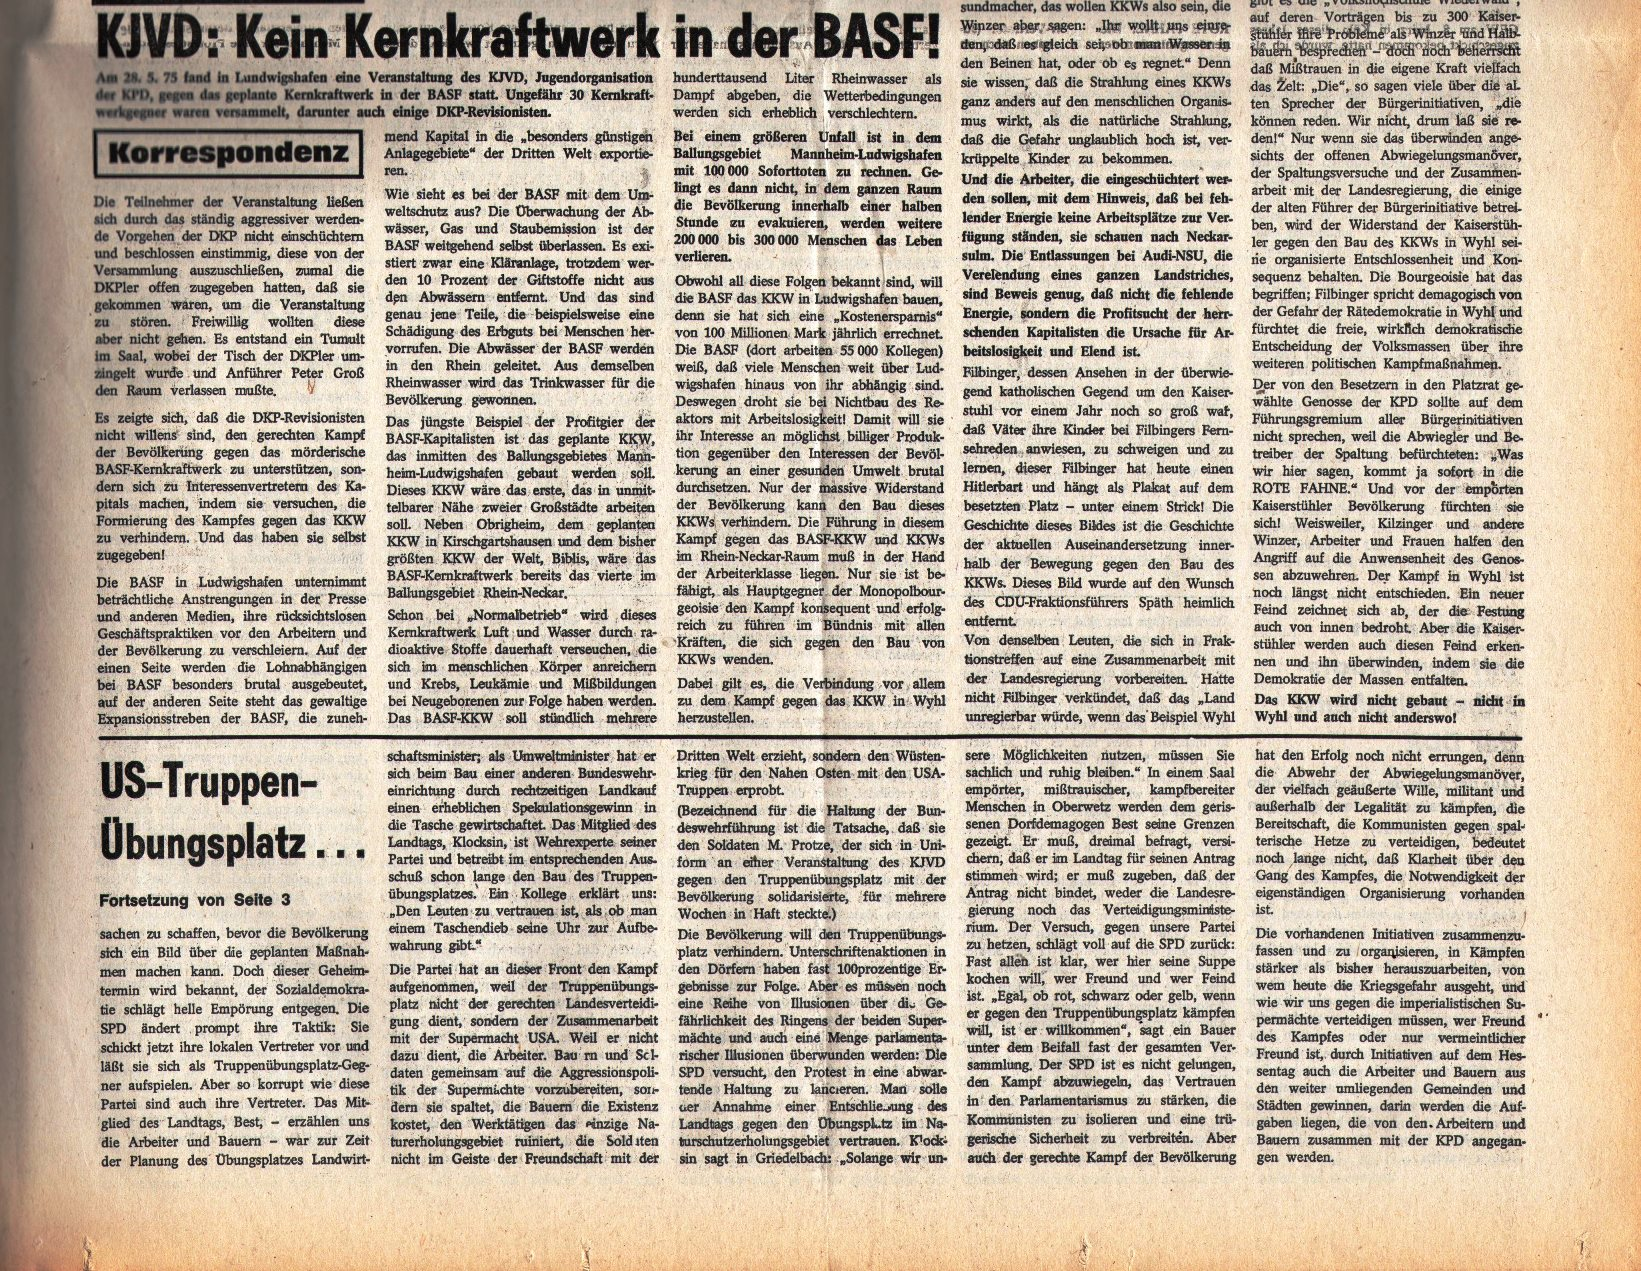 KPD_Rote_Fahne_1975_22_14